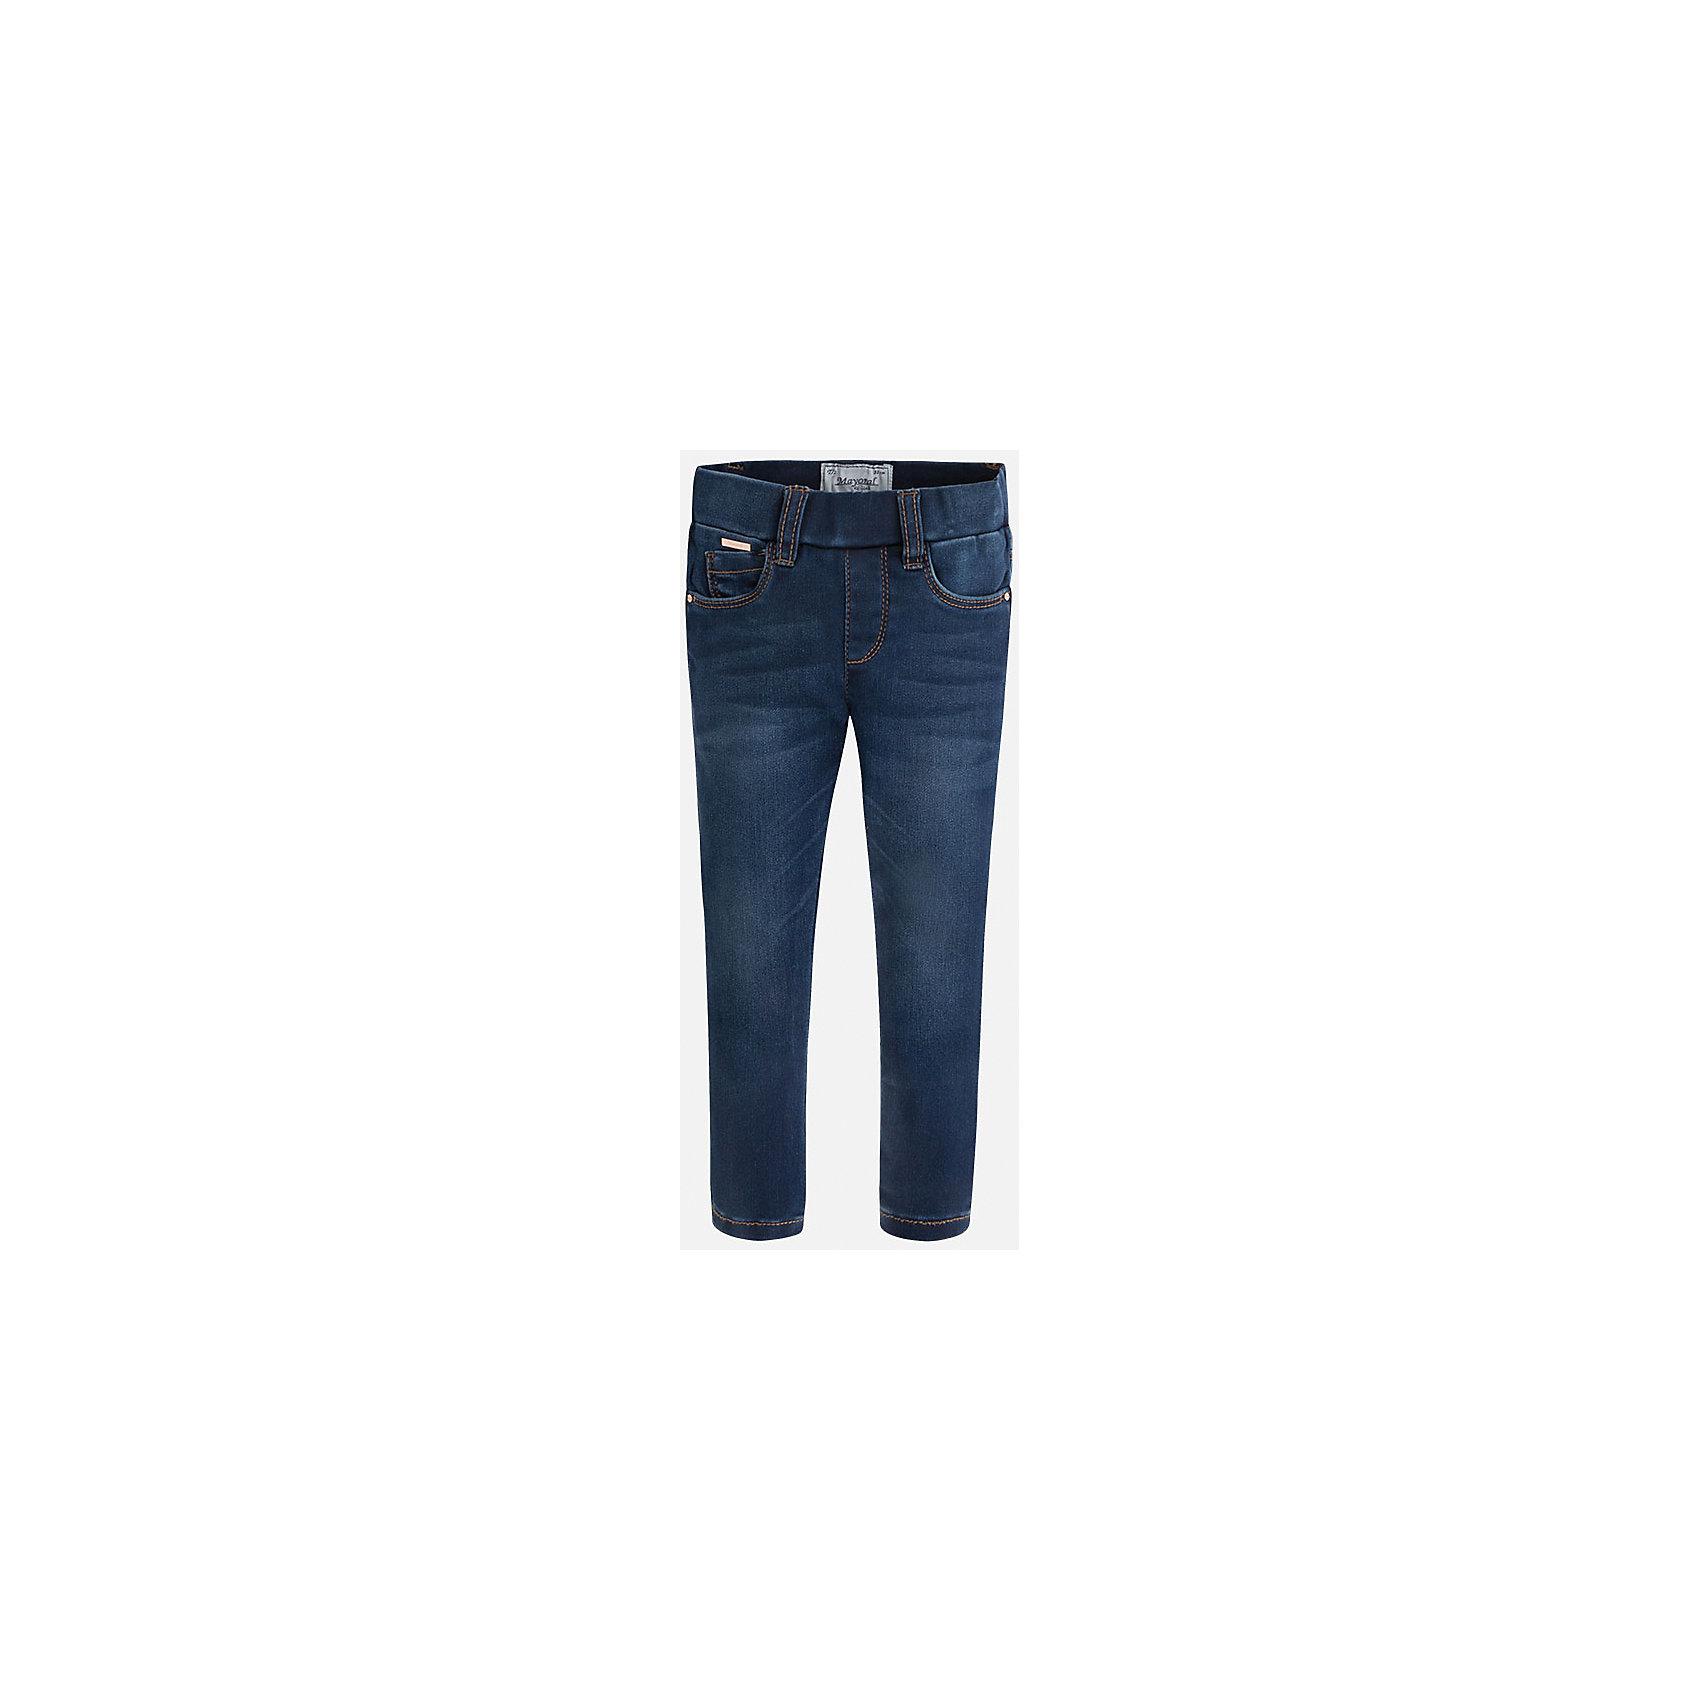 Леггинсы джинсовые для девочки MayoralДжинсовая одежда<br>Леггинсы - удобный и практичный вариант на каждый день, прекрасно сочетаются с любой одеждой.  Модель на эластичном поясе с резинкой дополнена пятью классическими карманами. Леггинсы Mayoral изготовлены из высококачественного материала, отлично сидят на фигуре, не сковывают движения, декорированы вышивкой на задних карманах.<br><br>Дополнительная информация:<br><br>- Регулировка по объему с помощью внутренней резинки. <br>- Покрой: прямой. <br>- 5 классических карманов.<br>- Вышивка в виде сердечек. <br>Состав: <br>- 69% хлопок, 28% полиэстер, 3% эластан.<br><br>Леггинсы для девочки Mayoral (Майорал), синие, можно купить в нашем магазине.<br><br>Ширина мм: 123<br>Глубина мм: 10<br>Высота мм: 149<br>Вес г: 209<br>Цвет: синий<br>Возраст от месяцев: 36<br>Возраст до месяцев: 48<br>Пол: Женский<br>Возраст: Детский<br>Размер: 104,128,116,110,98,92,122,134<br>SKU: 4845751